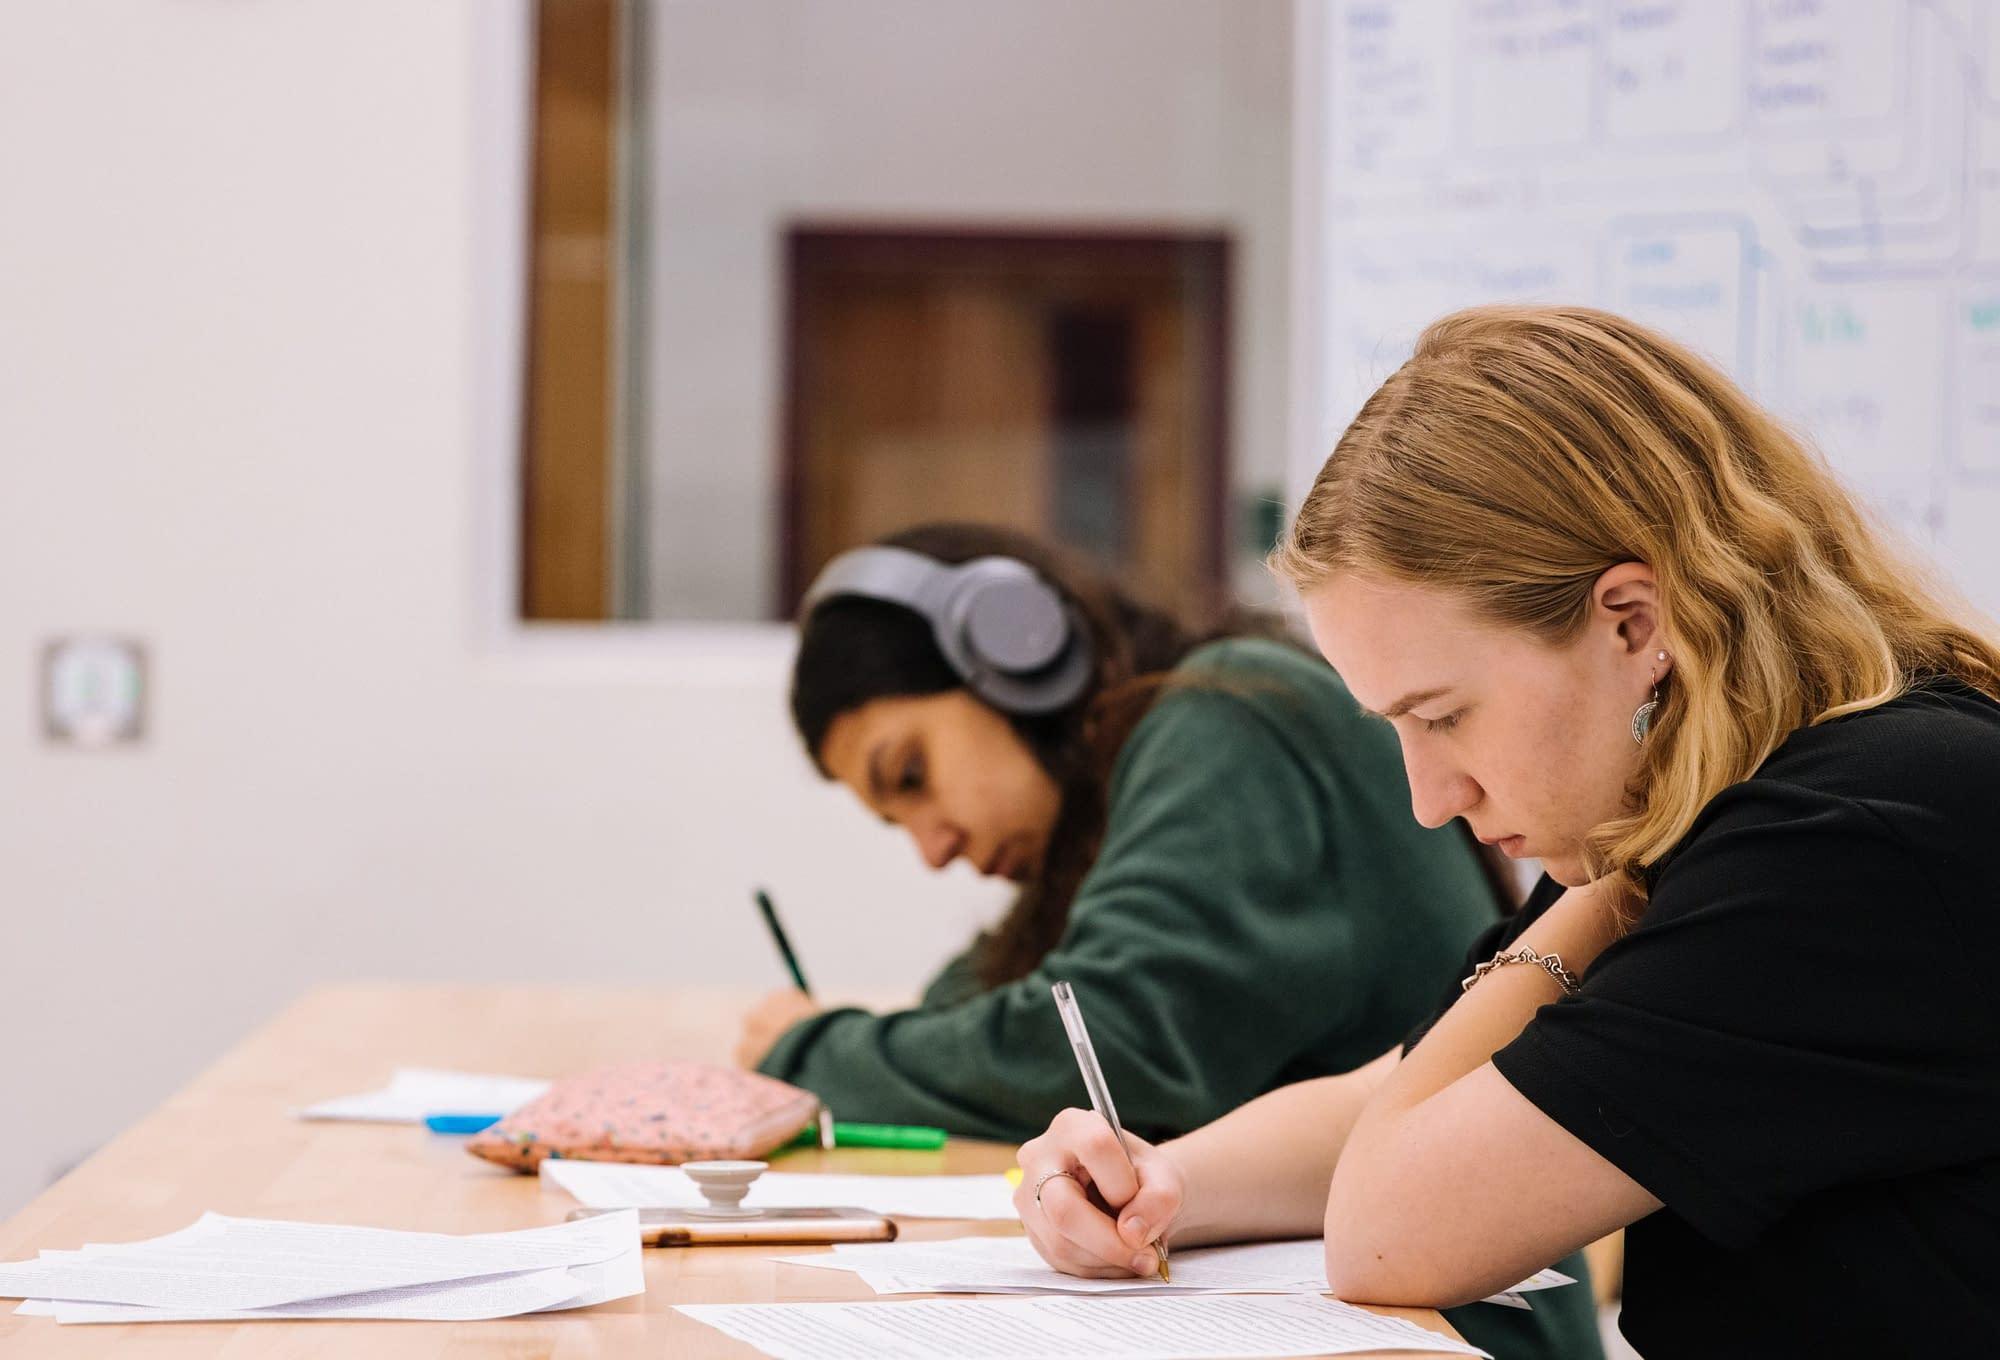 Essay Writing Service - NerdyEditors